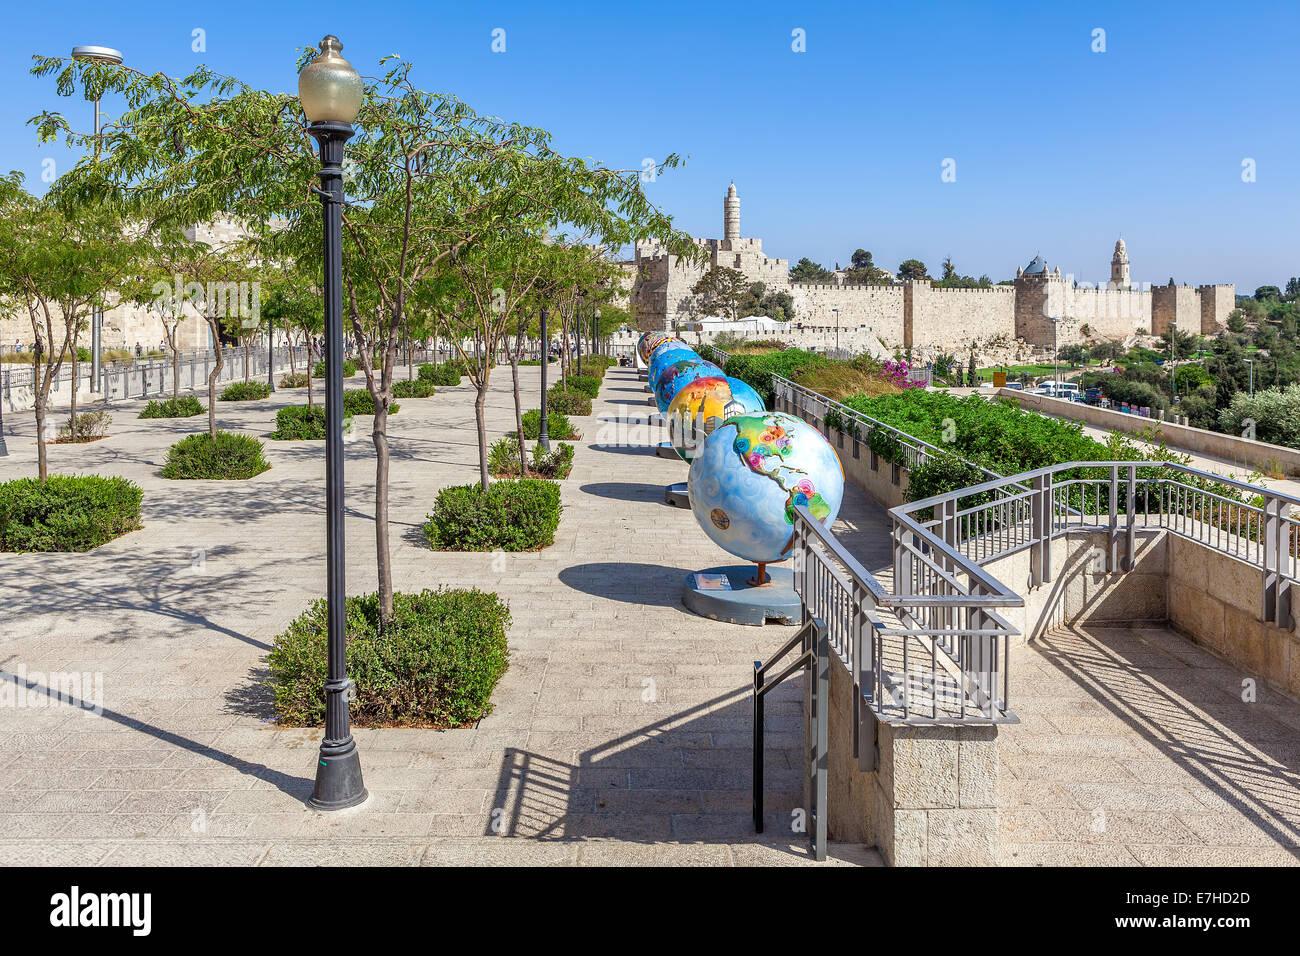 Globen-Ausstellung in der alten Stadt von Jerusalem, Israel. Stockbild